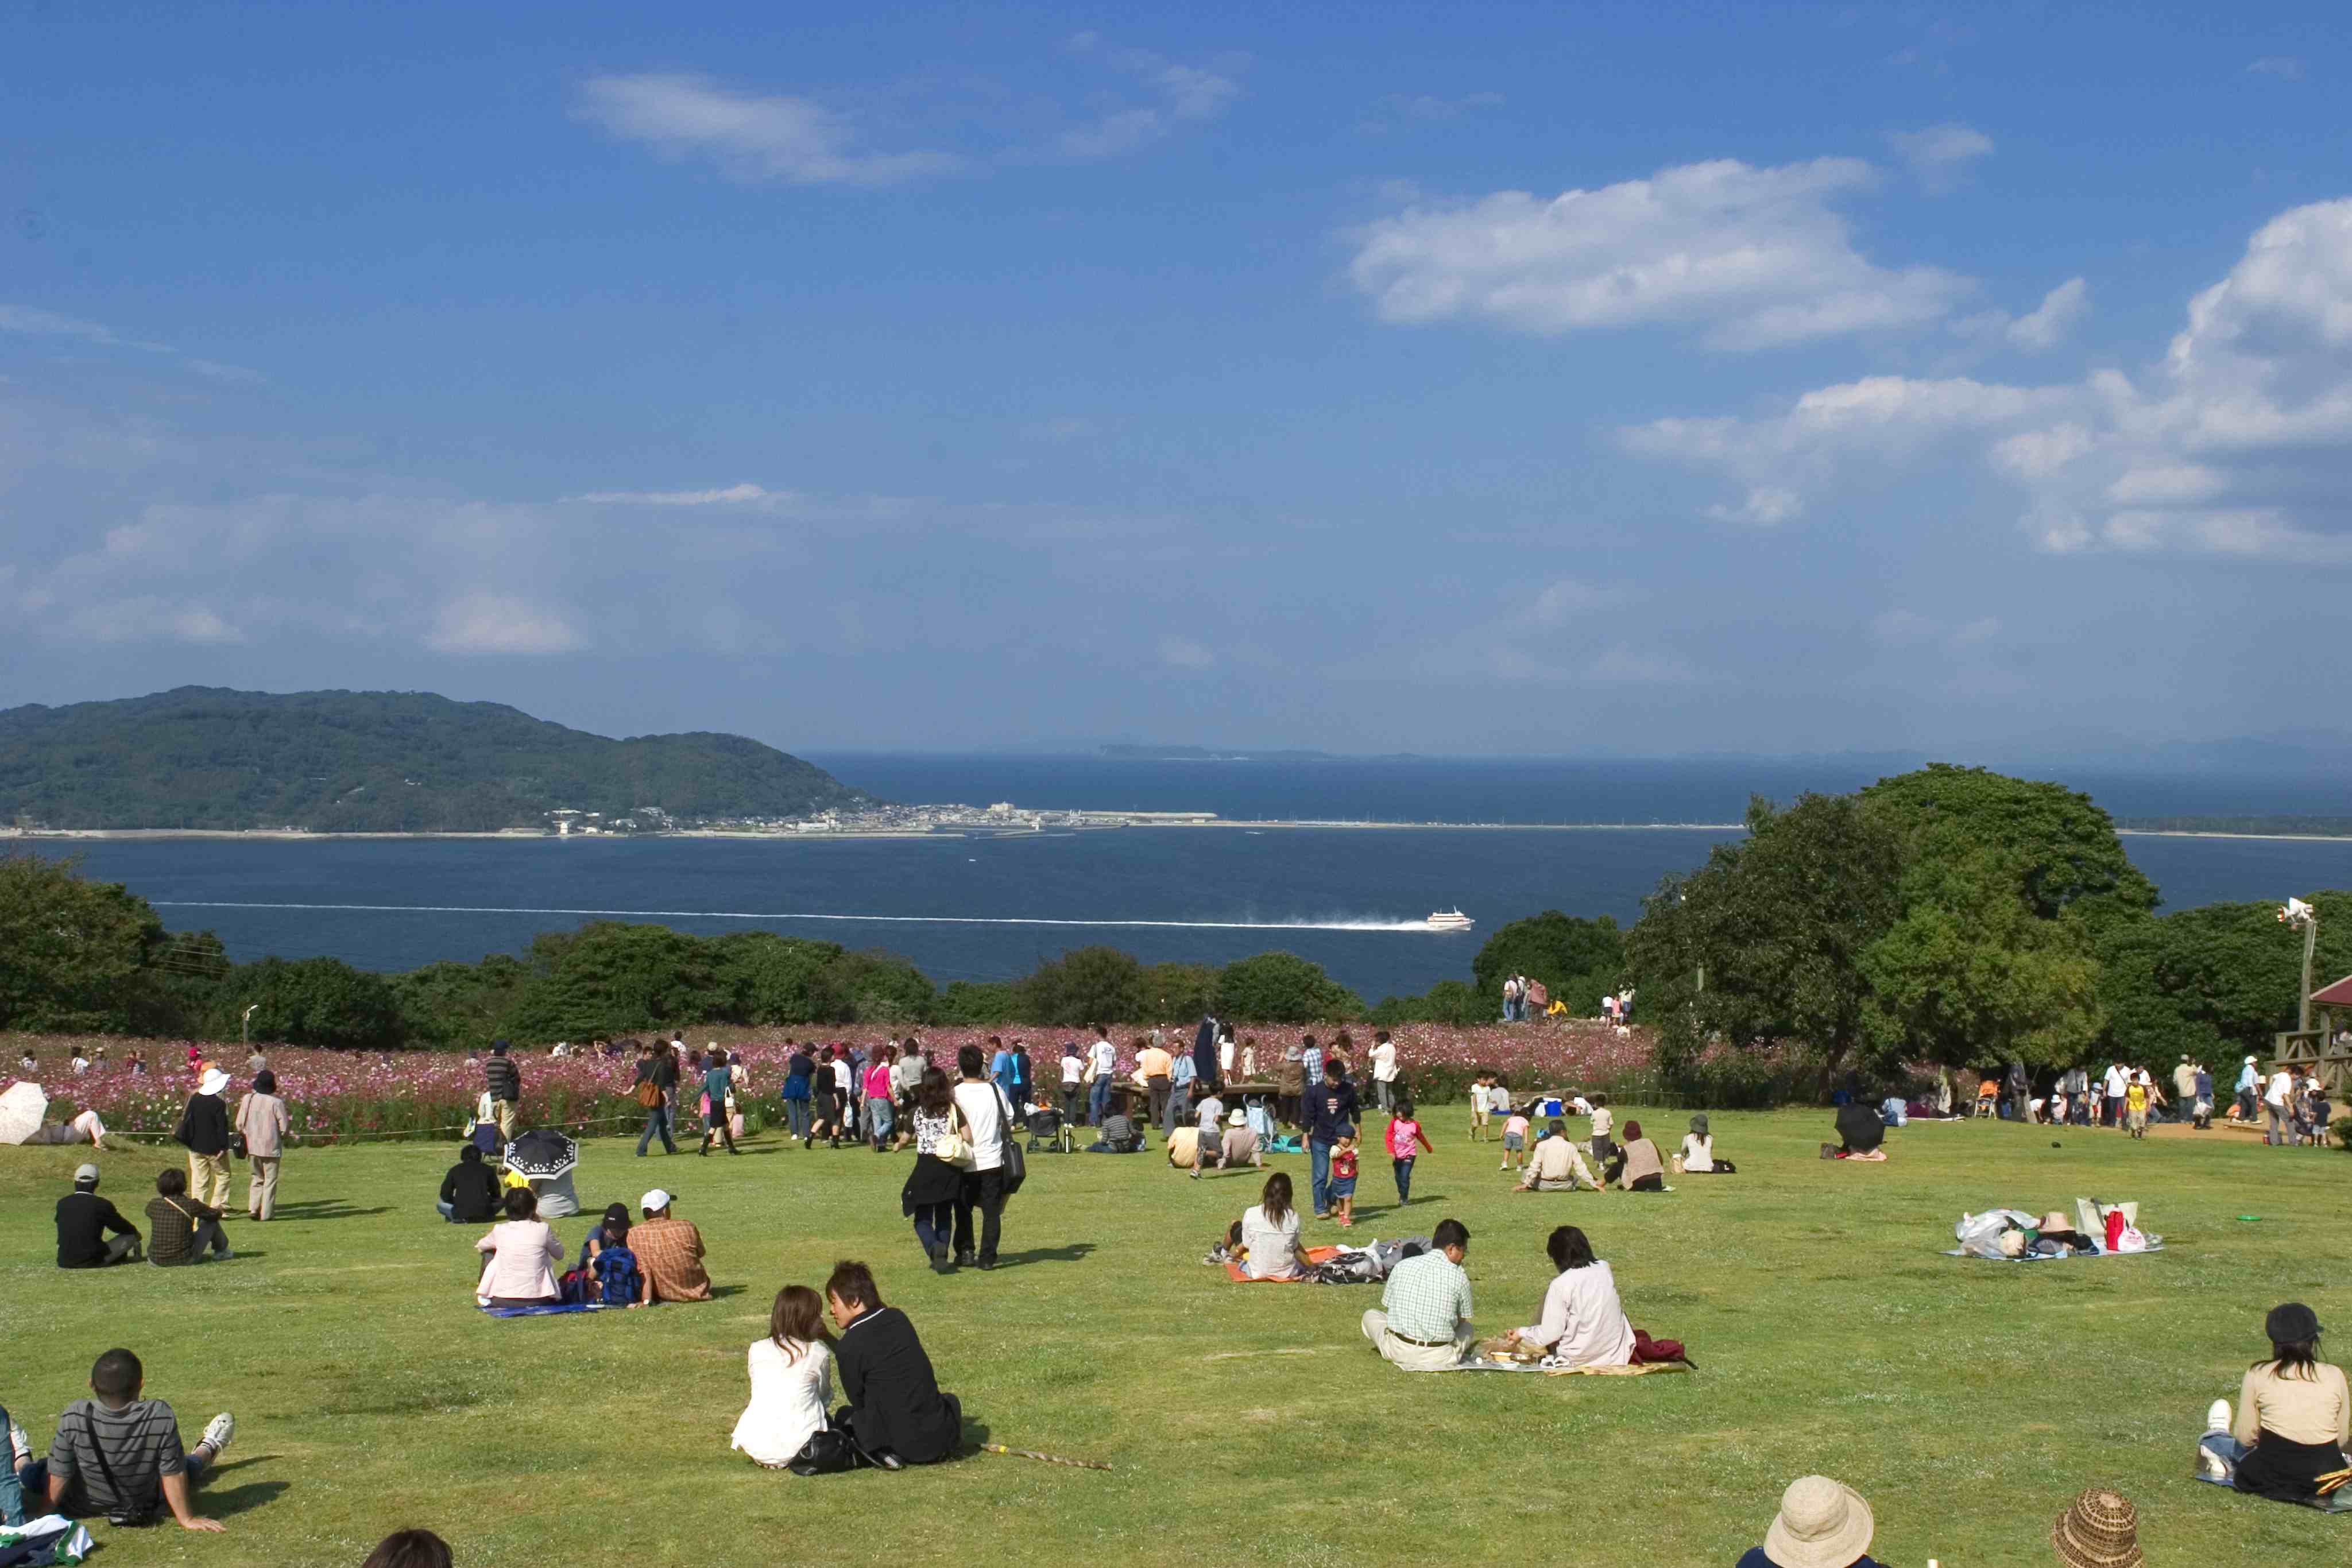 能古島・アイランドパーク 芝生の広場(2005)の画像